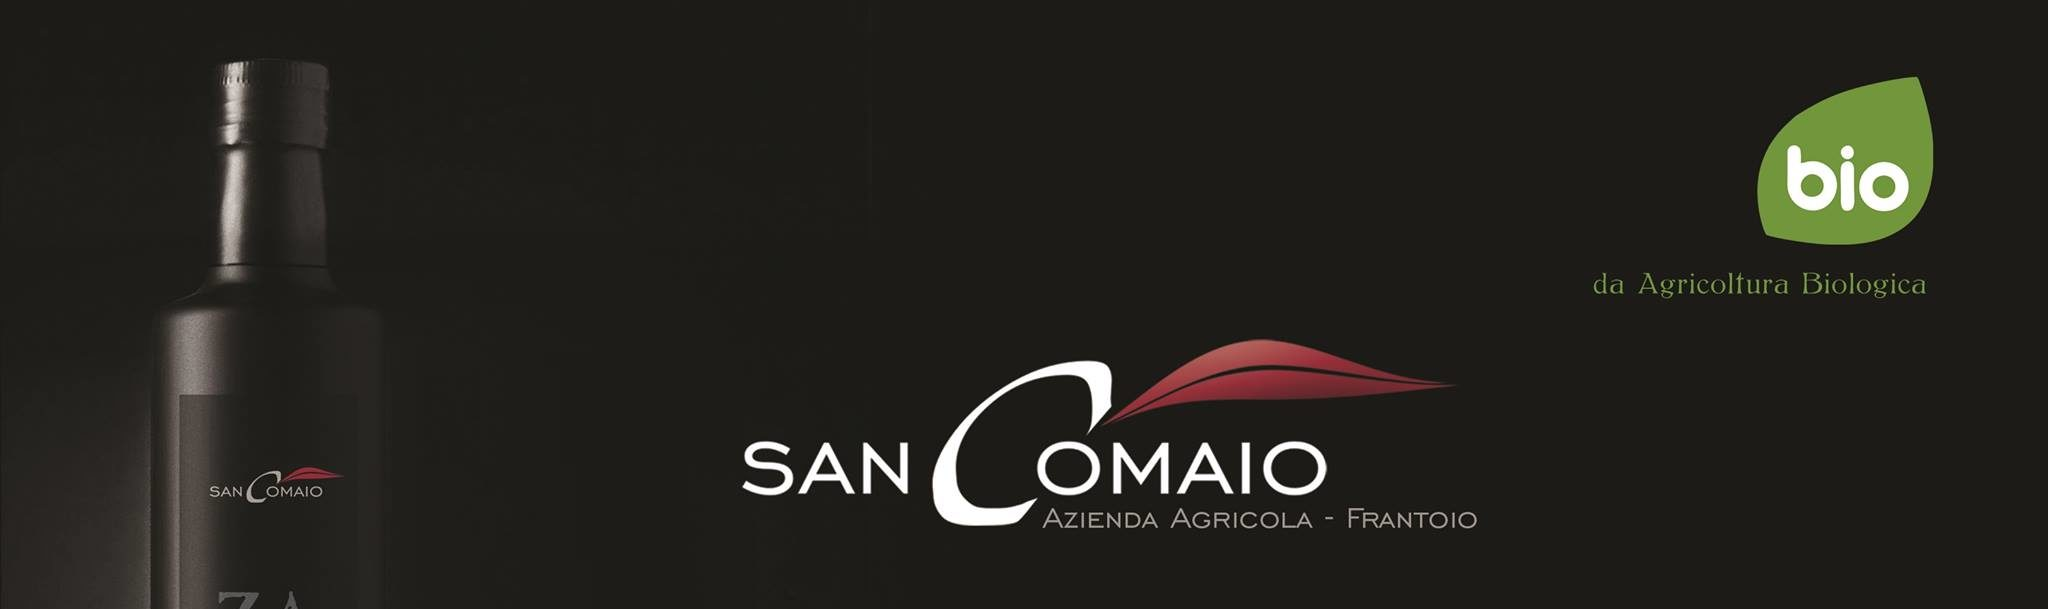 San Comaio